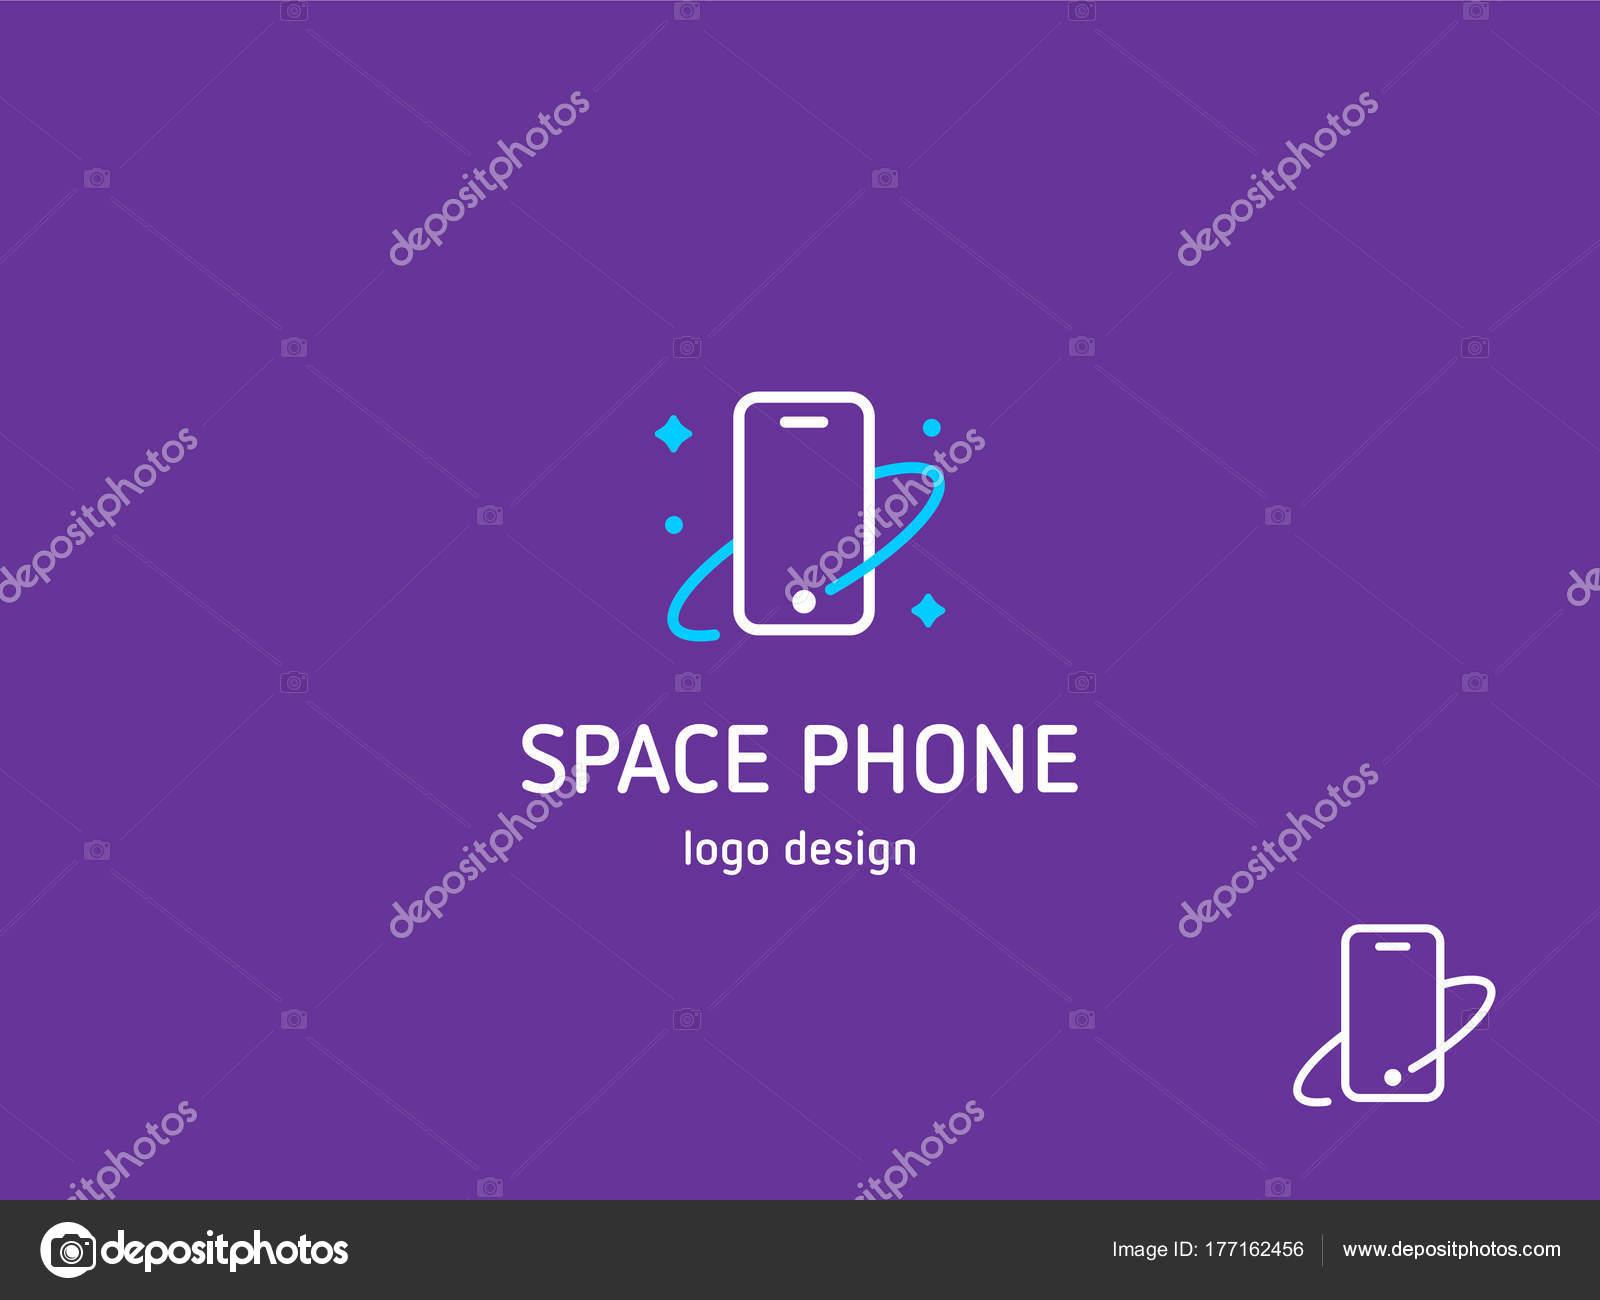 Modello Spazio Telefono Logo Vettoriale Telefono Cosmico Con Stelle